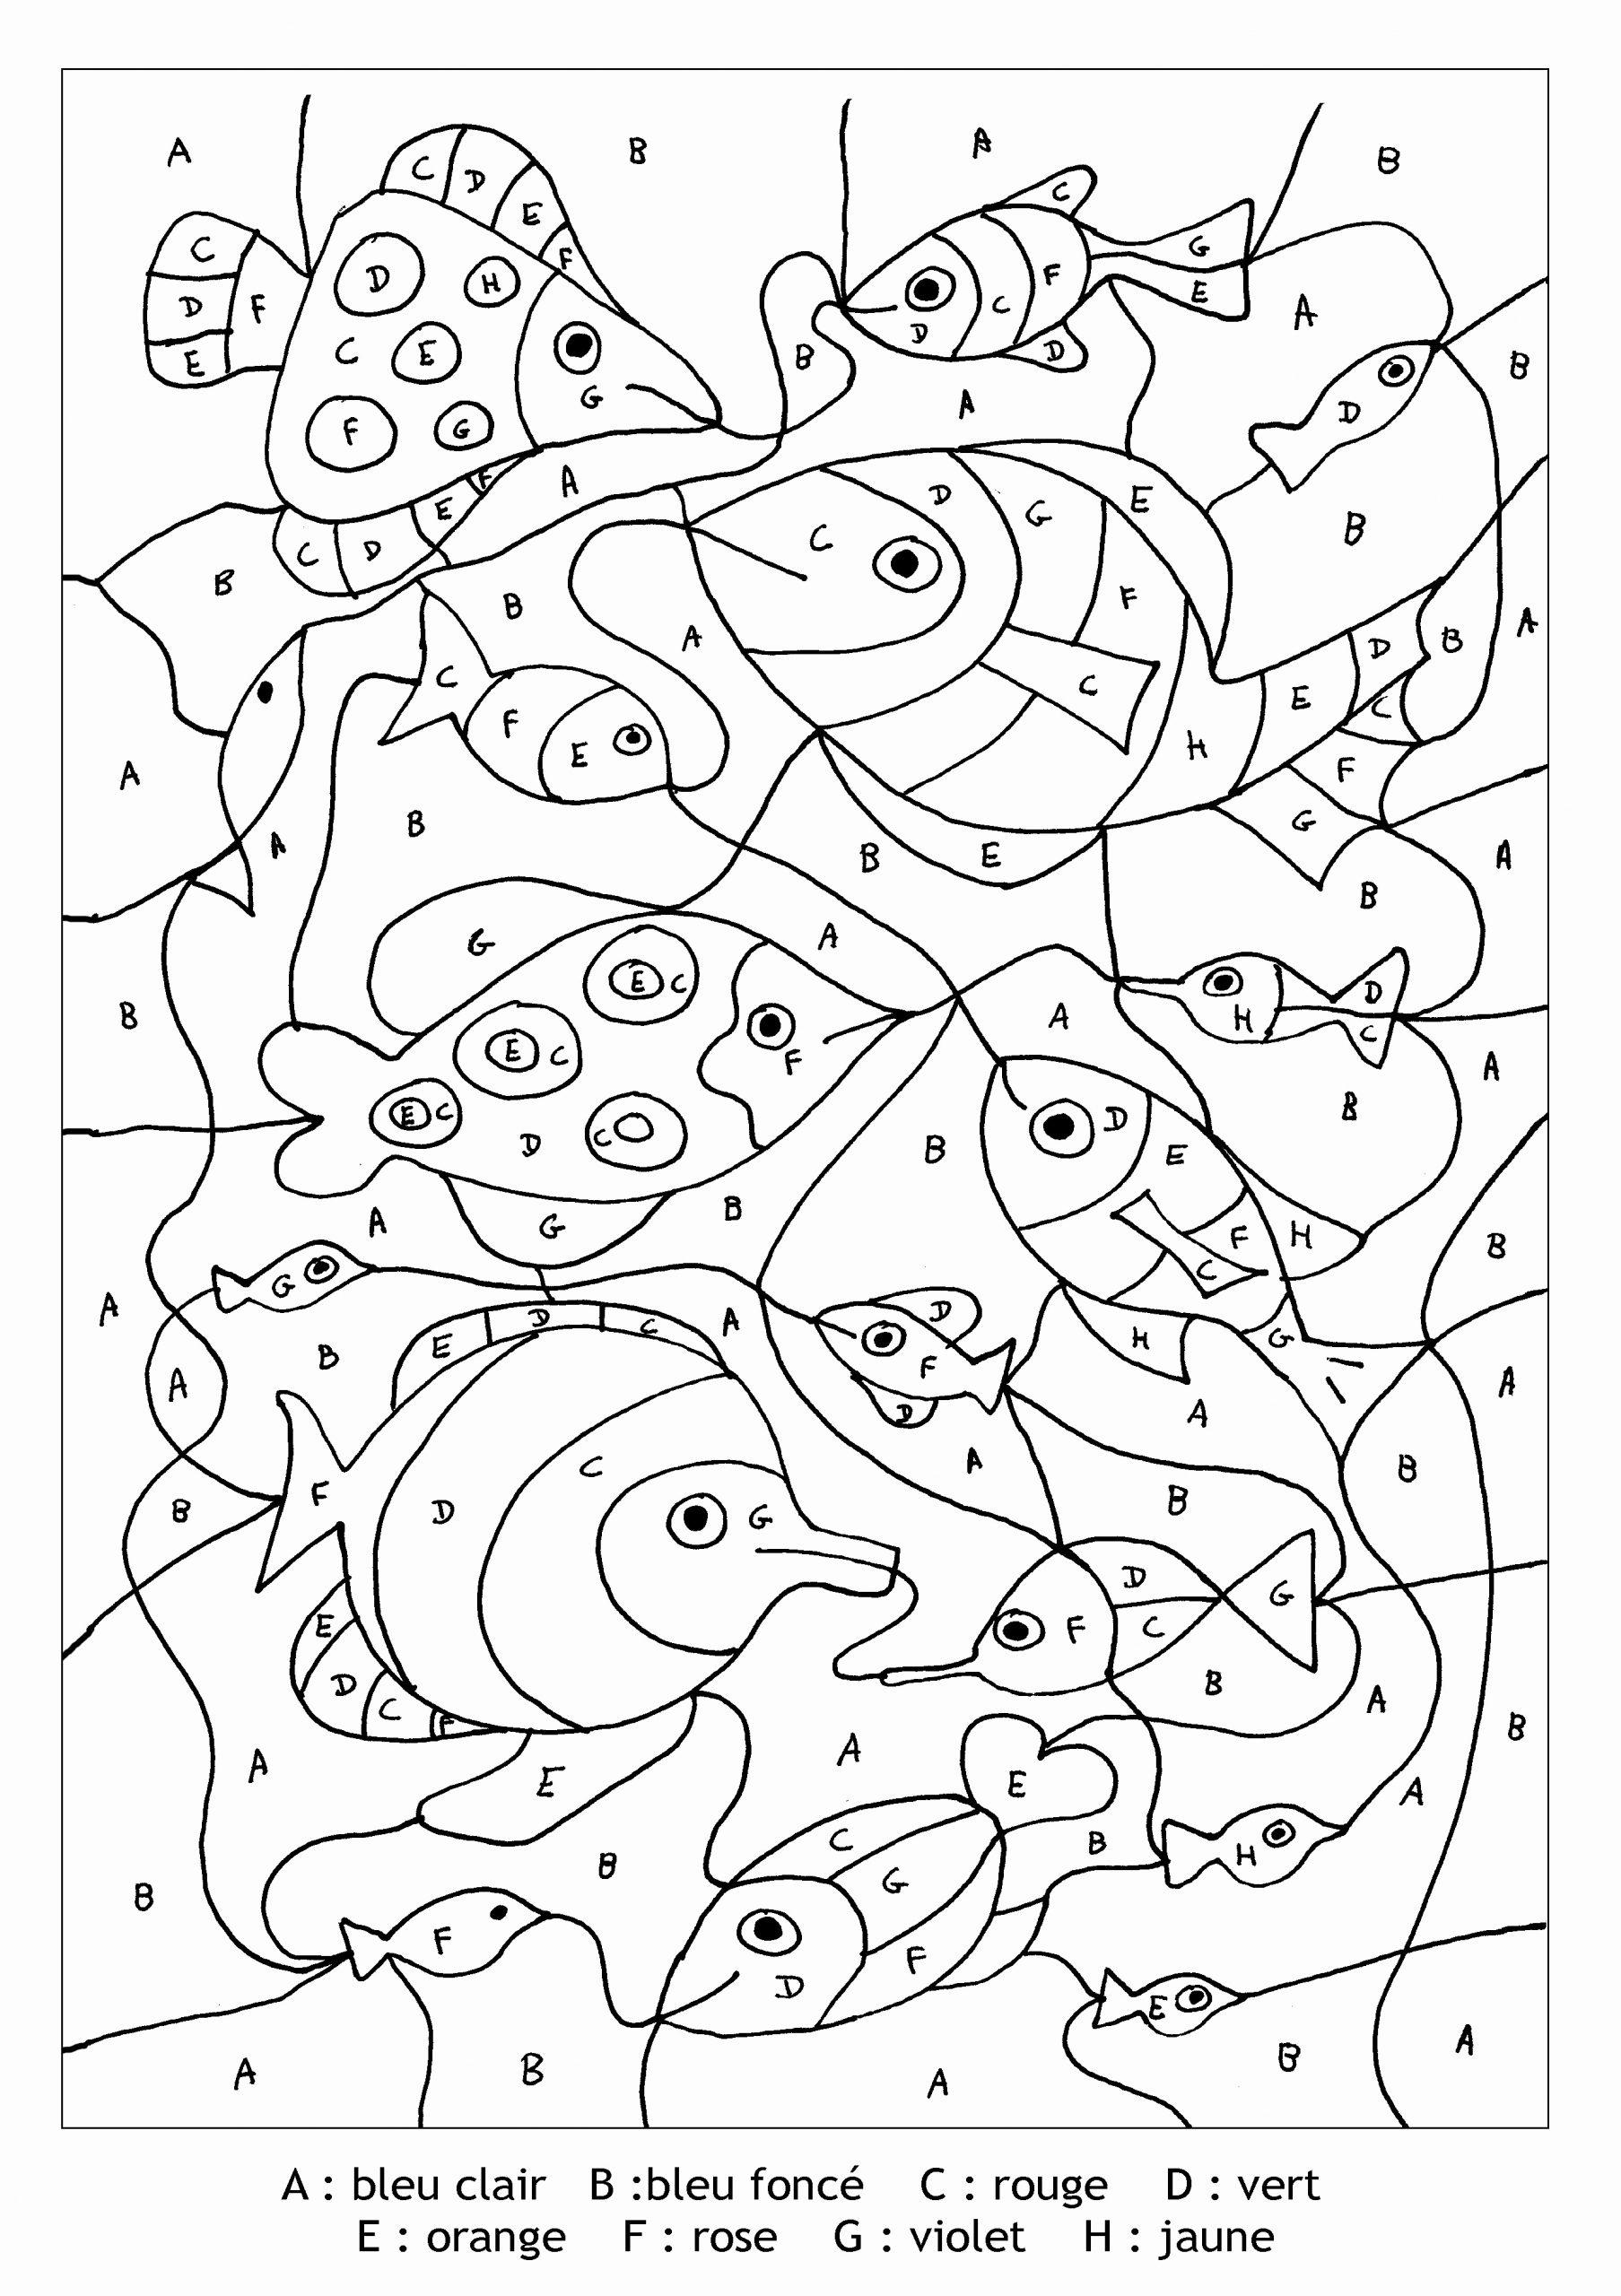 Banderole Anniversaire À Imprimer Gratuit Élégant Coloriage dedans Coloriage A4 Imprimer Gratuit